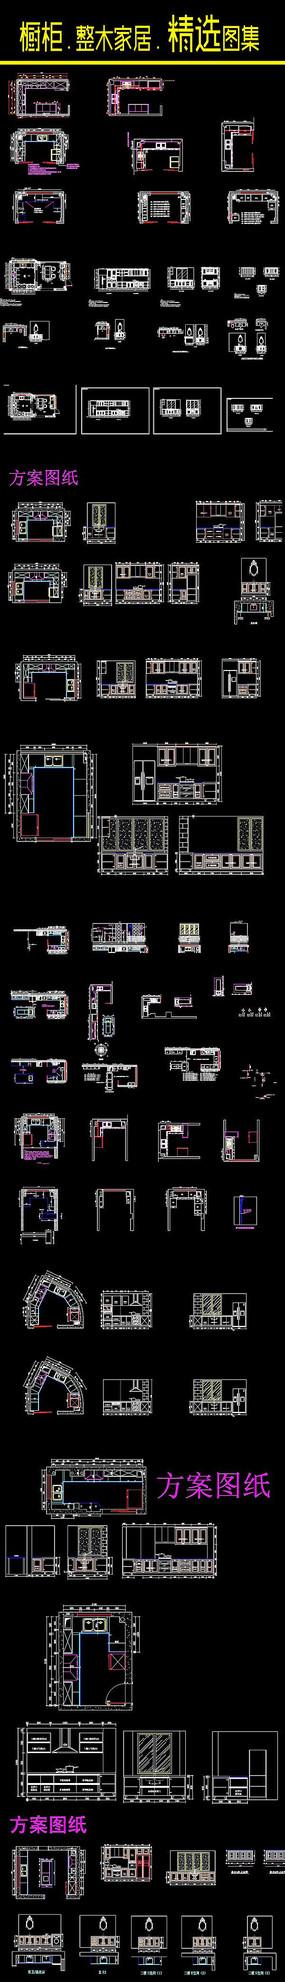 橱柜设计方案图纸